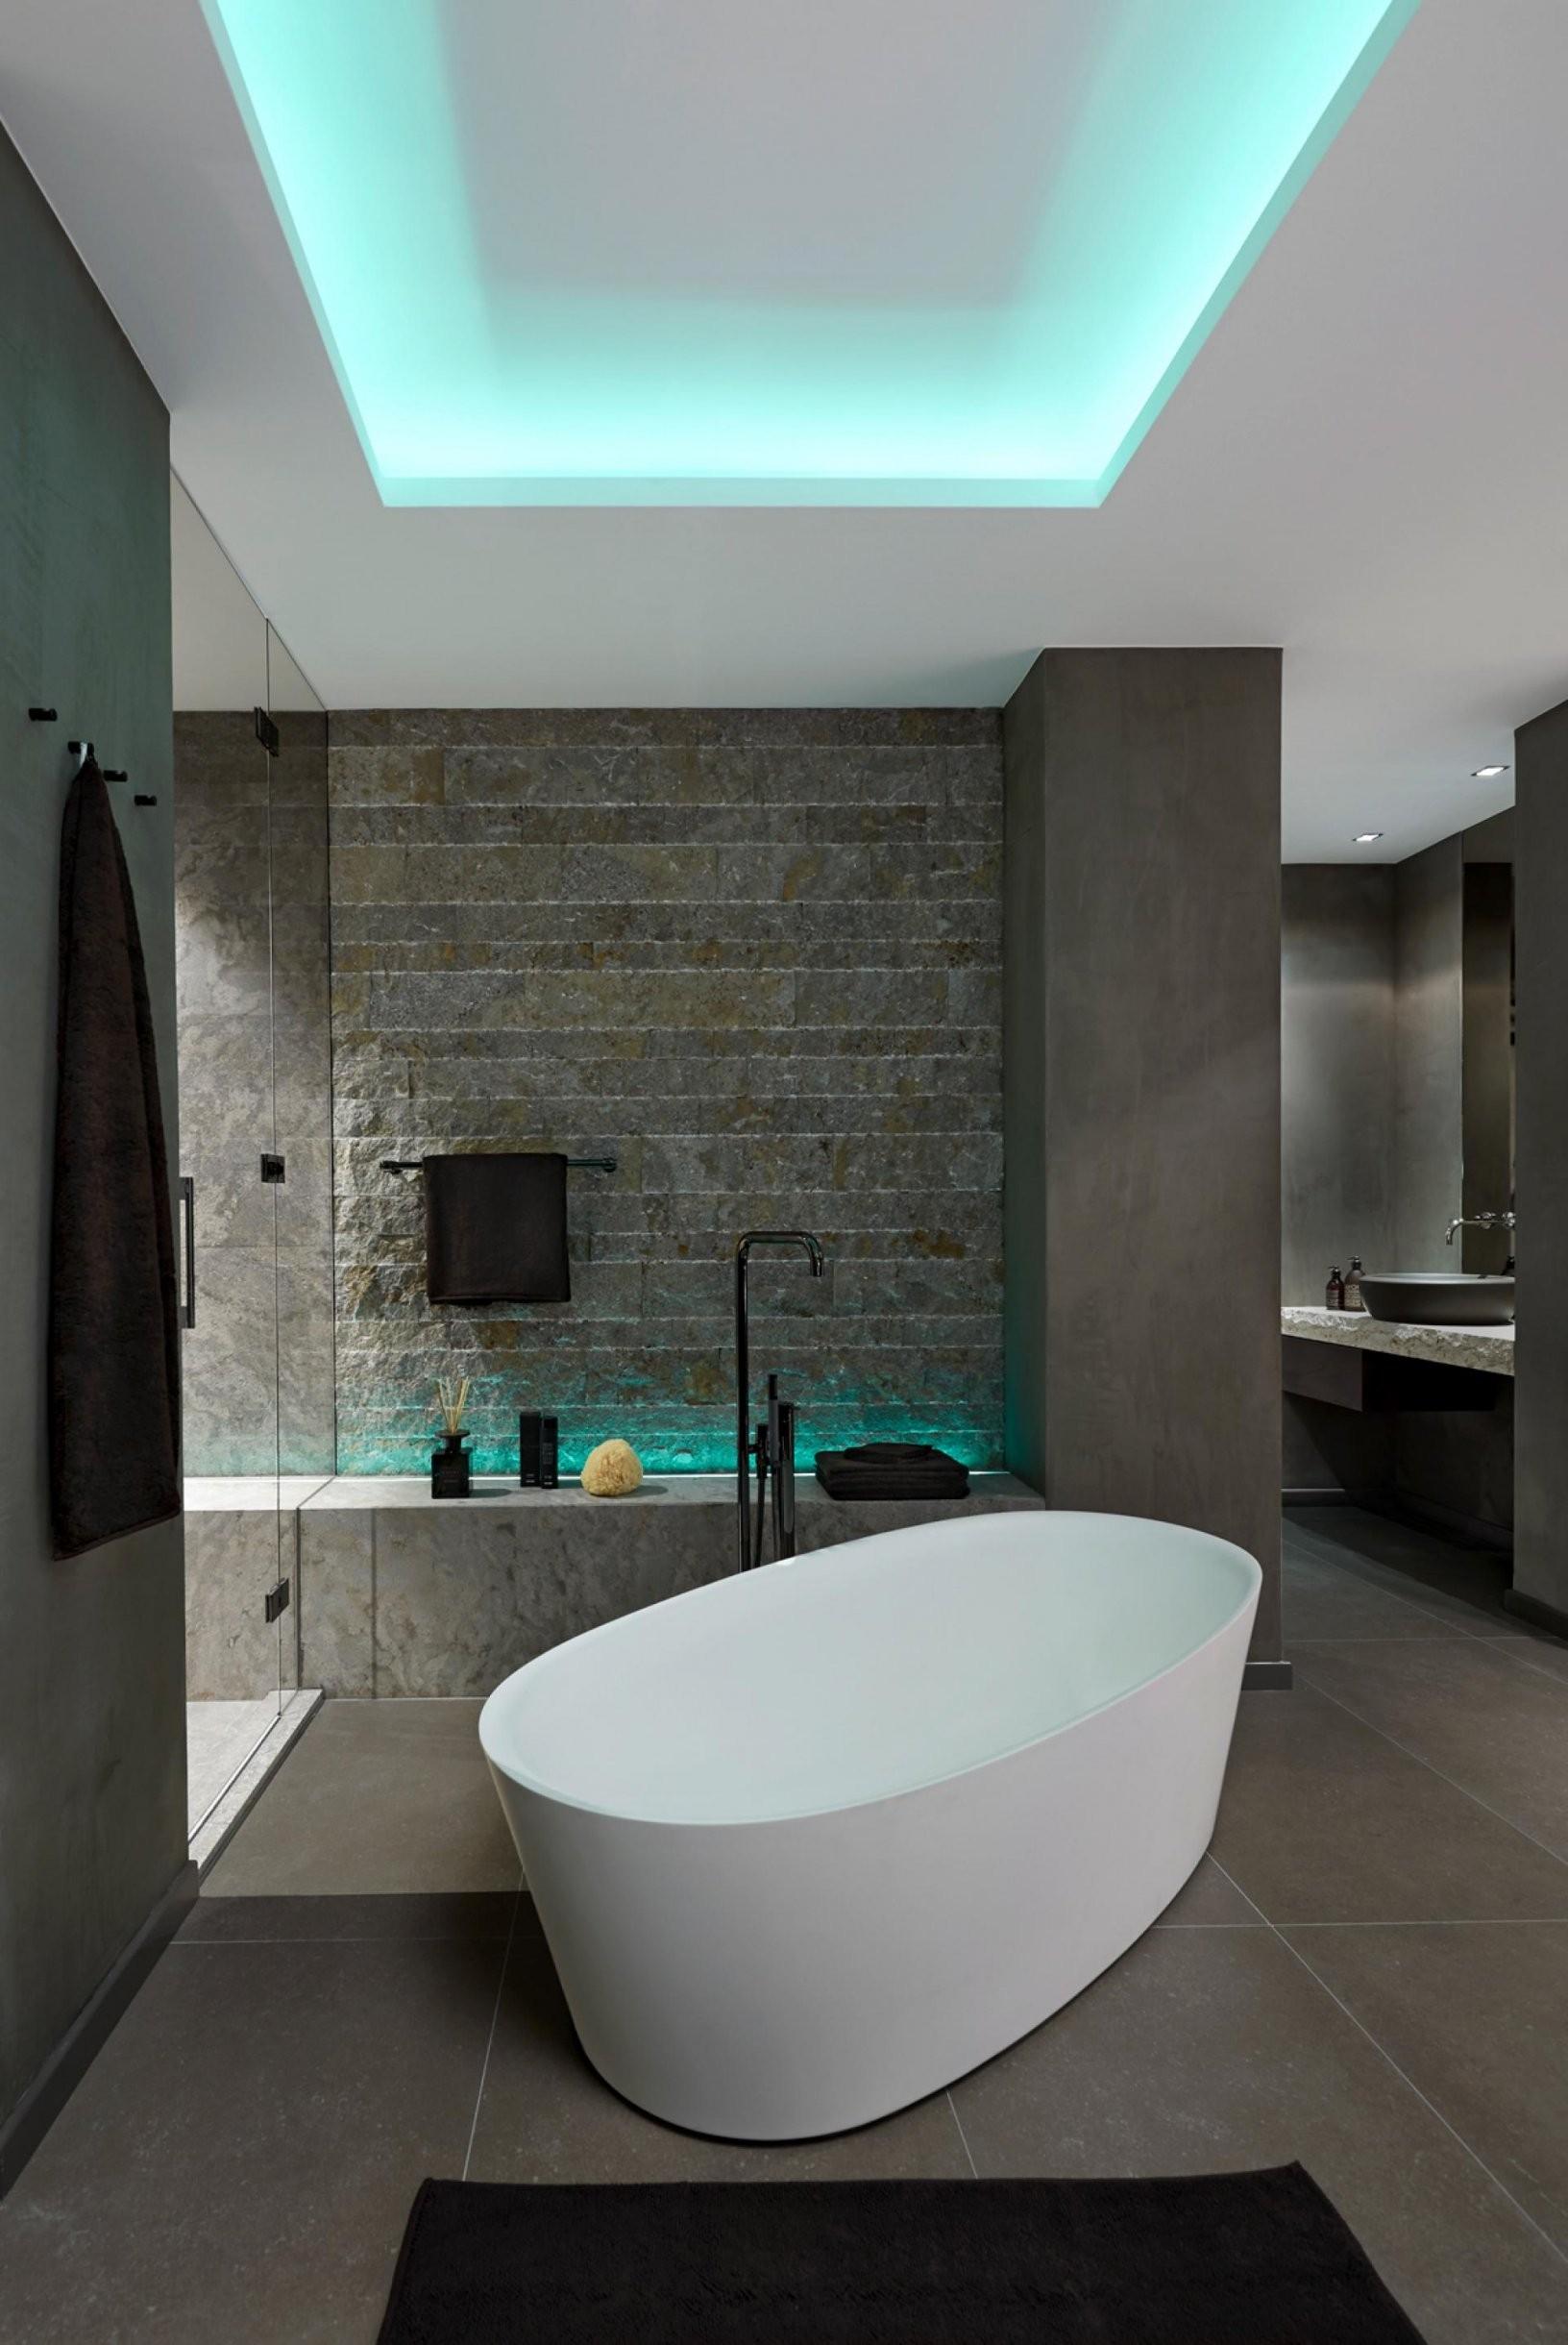 Große Bad Mit Freistehender Badewanne Design Idee Mit Einer Vielzahl von Bad Mit Freistehender Badewanne Photo